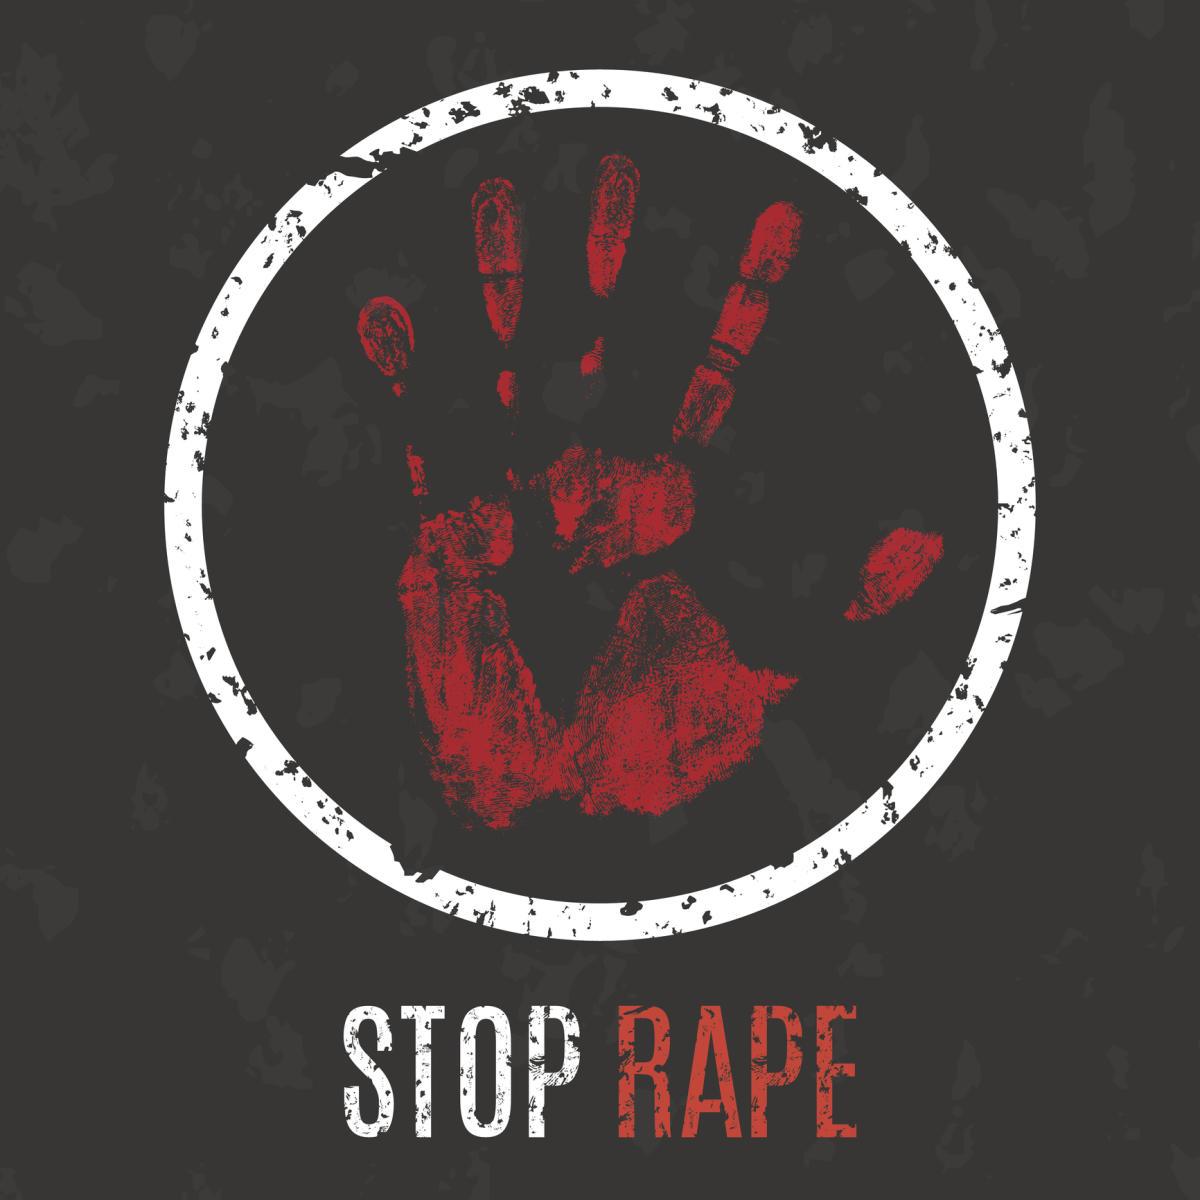 Stop rape sign.